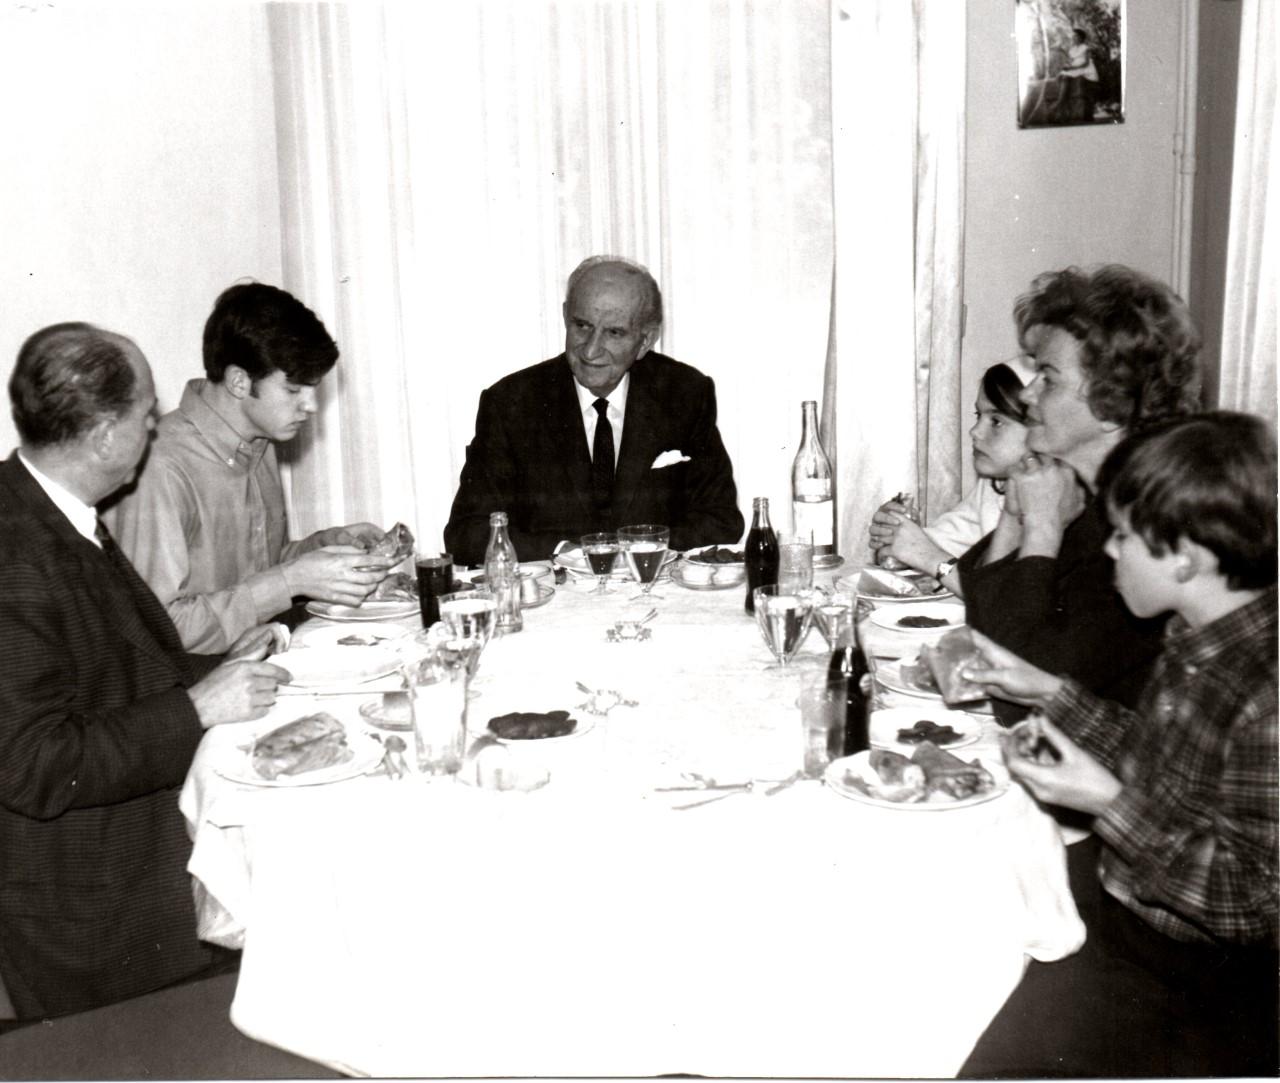 Από αριστερά: Ανδρέας Παπανδρέου, Γιώργος Παπανδρέου, Γεώργιος Παπανδρέου. Δεξιά είναι η Σοφία, η Μαργαρίτα και ο Νίκος Παπανδρέου